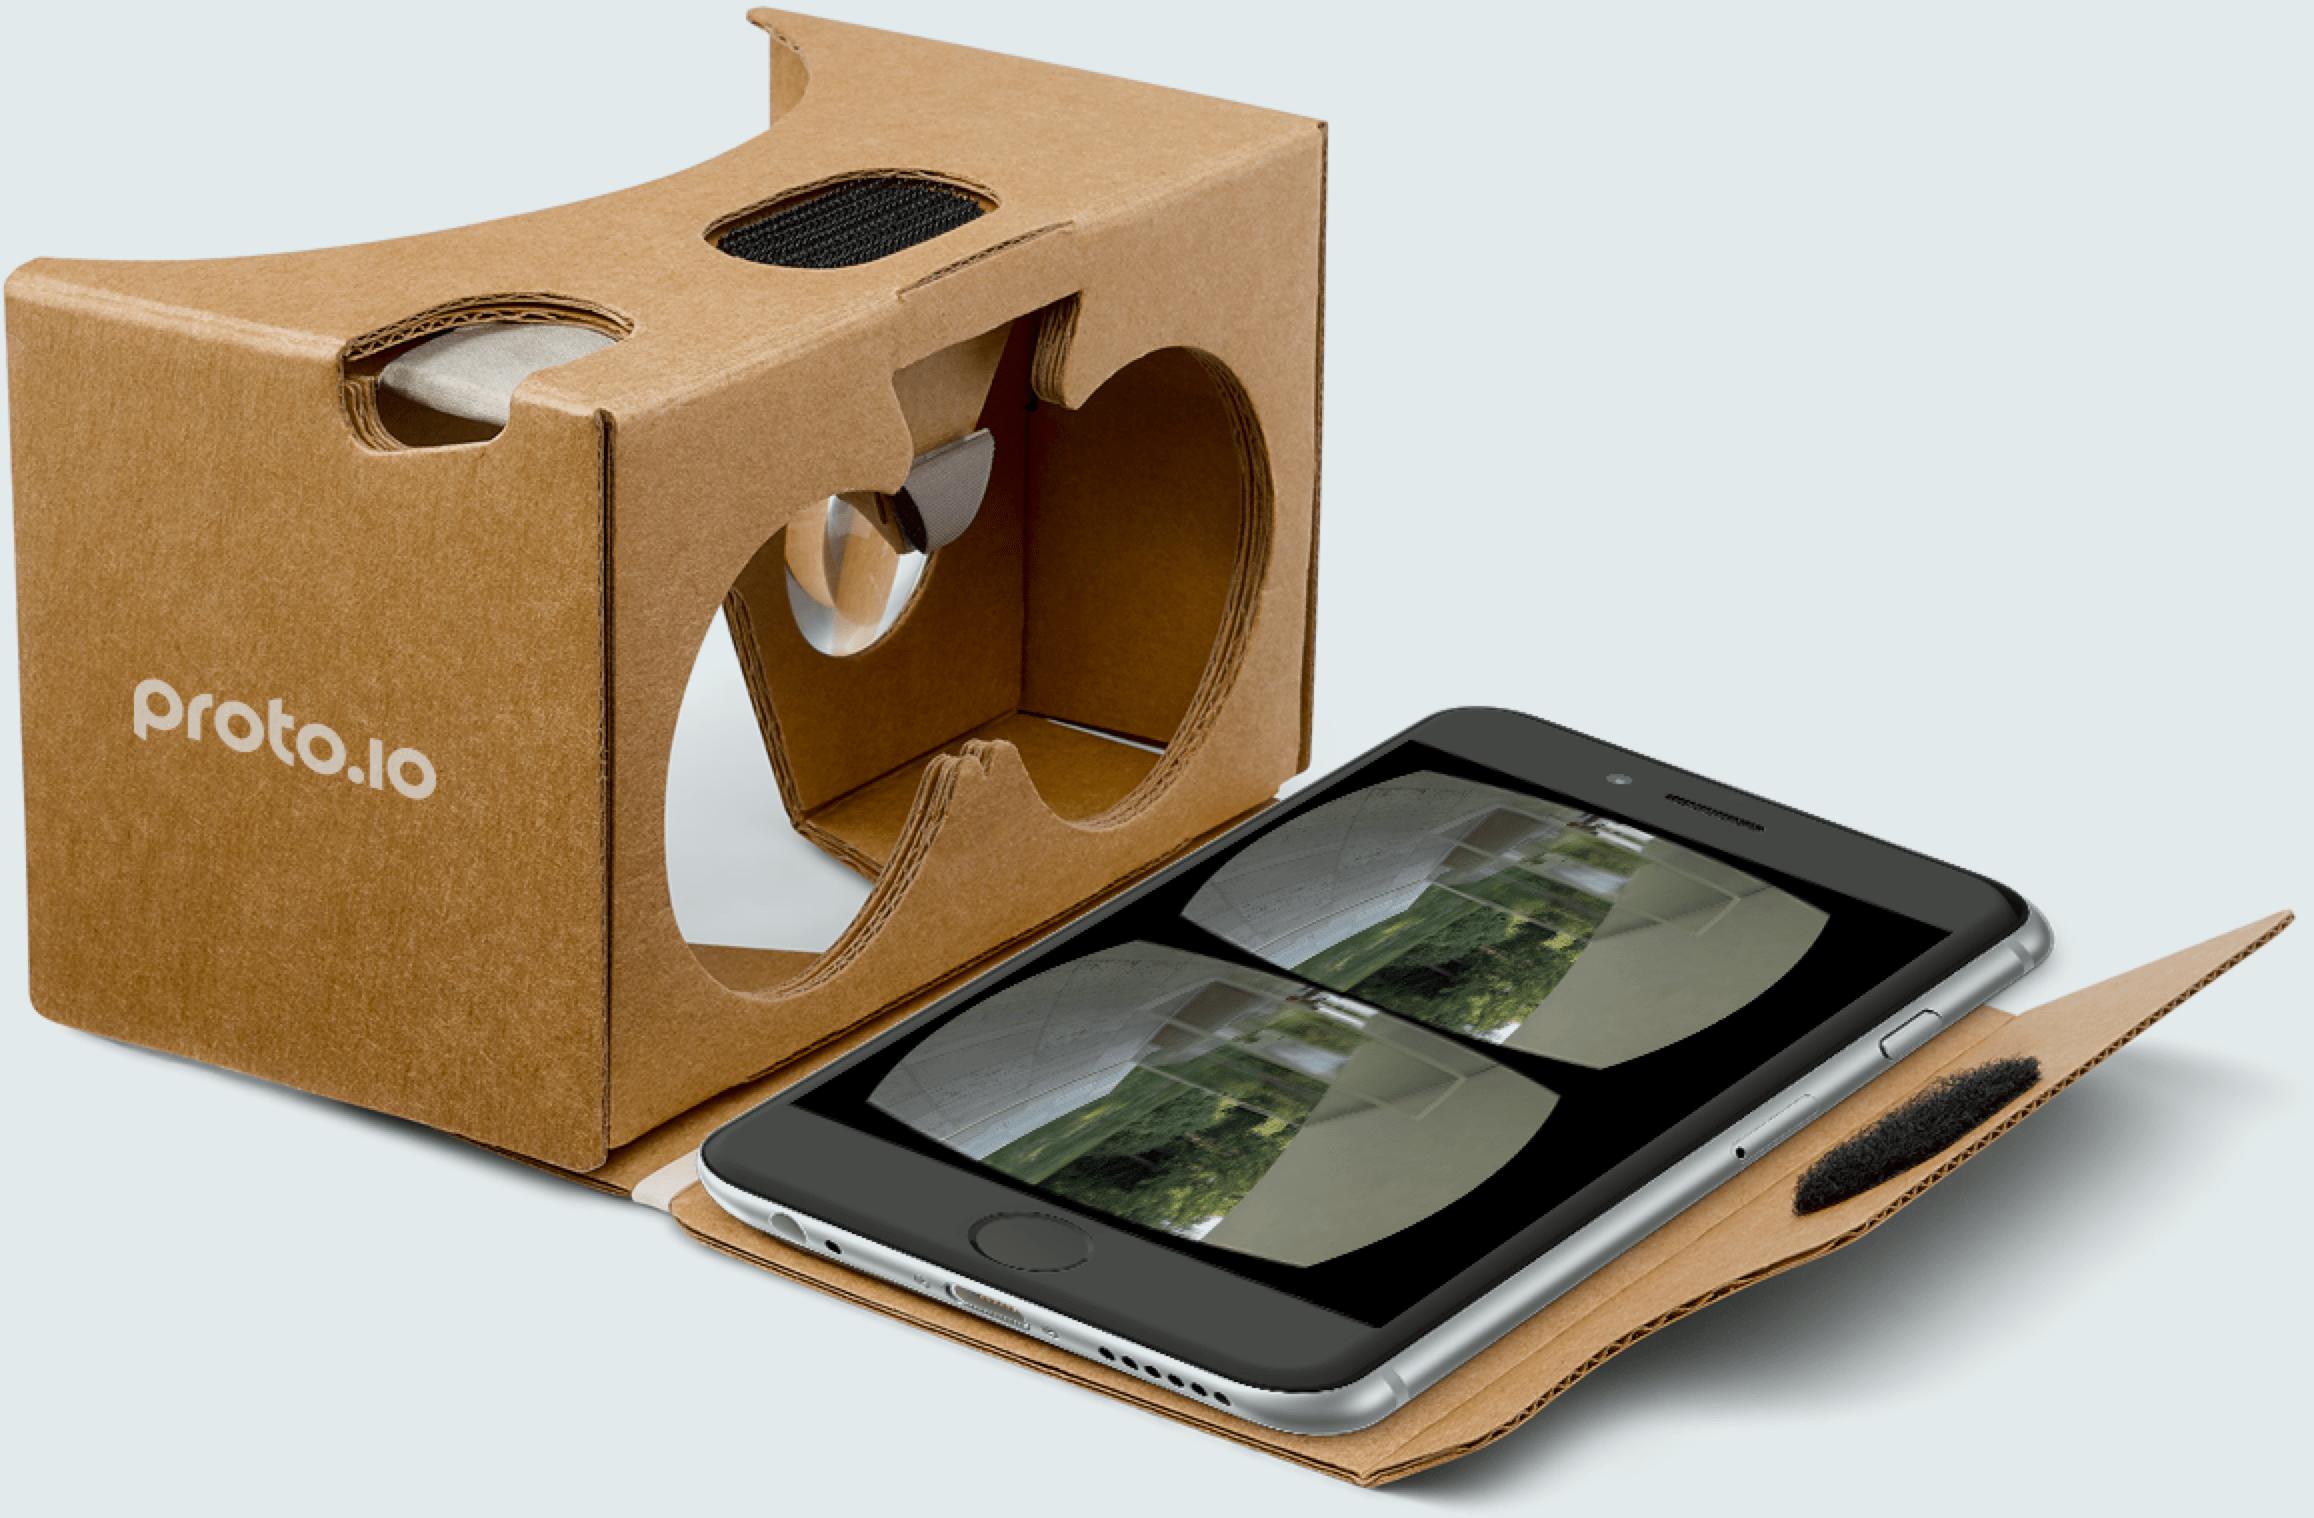 Prototype VR experiences with Proto.io